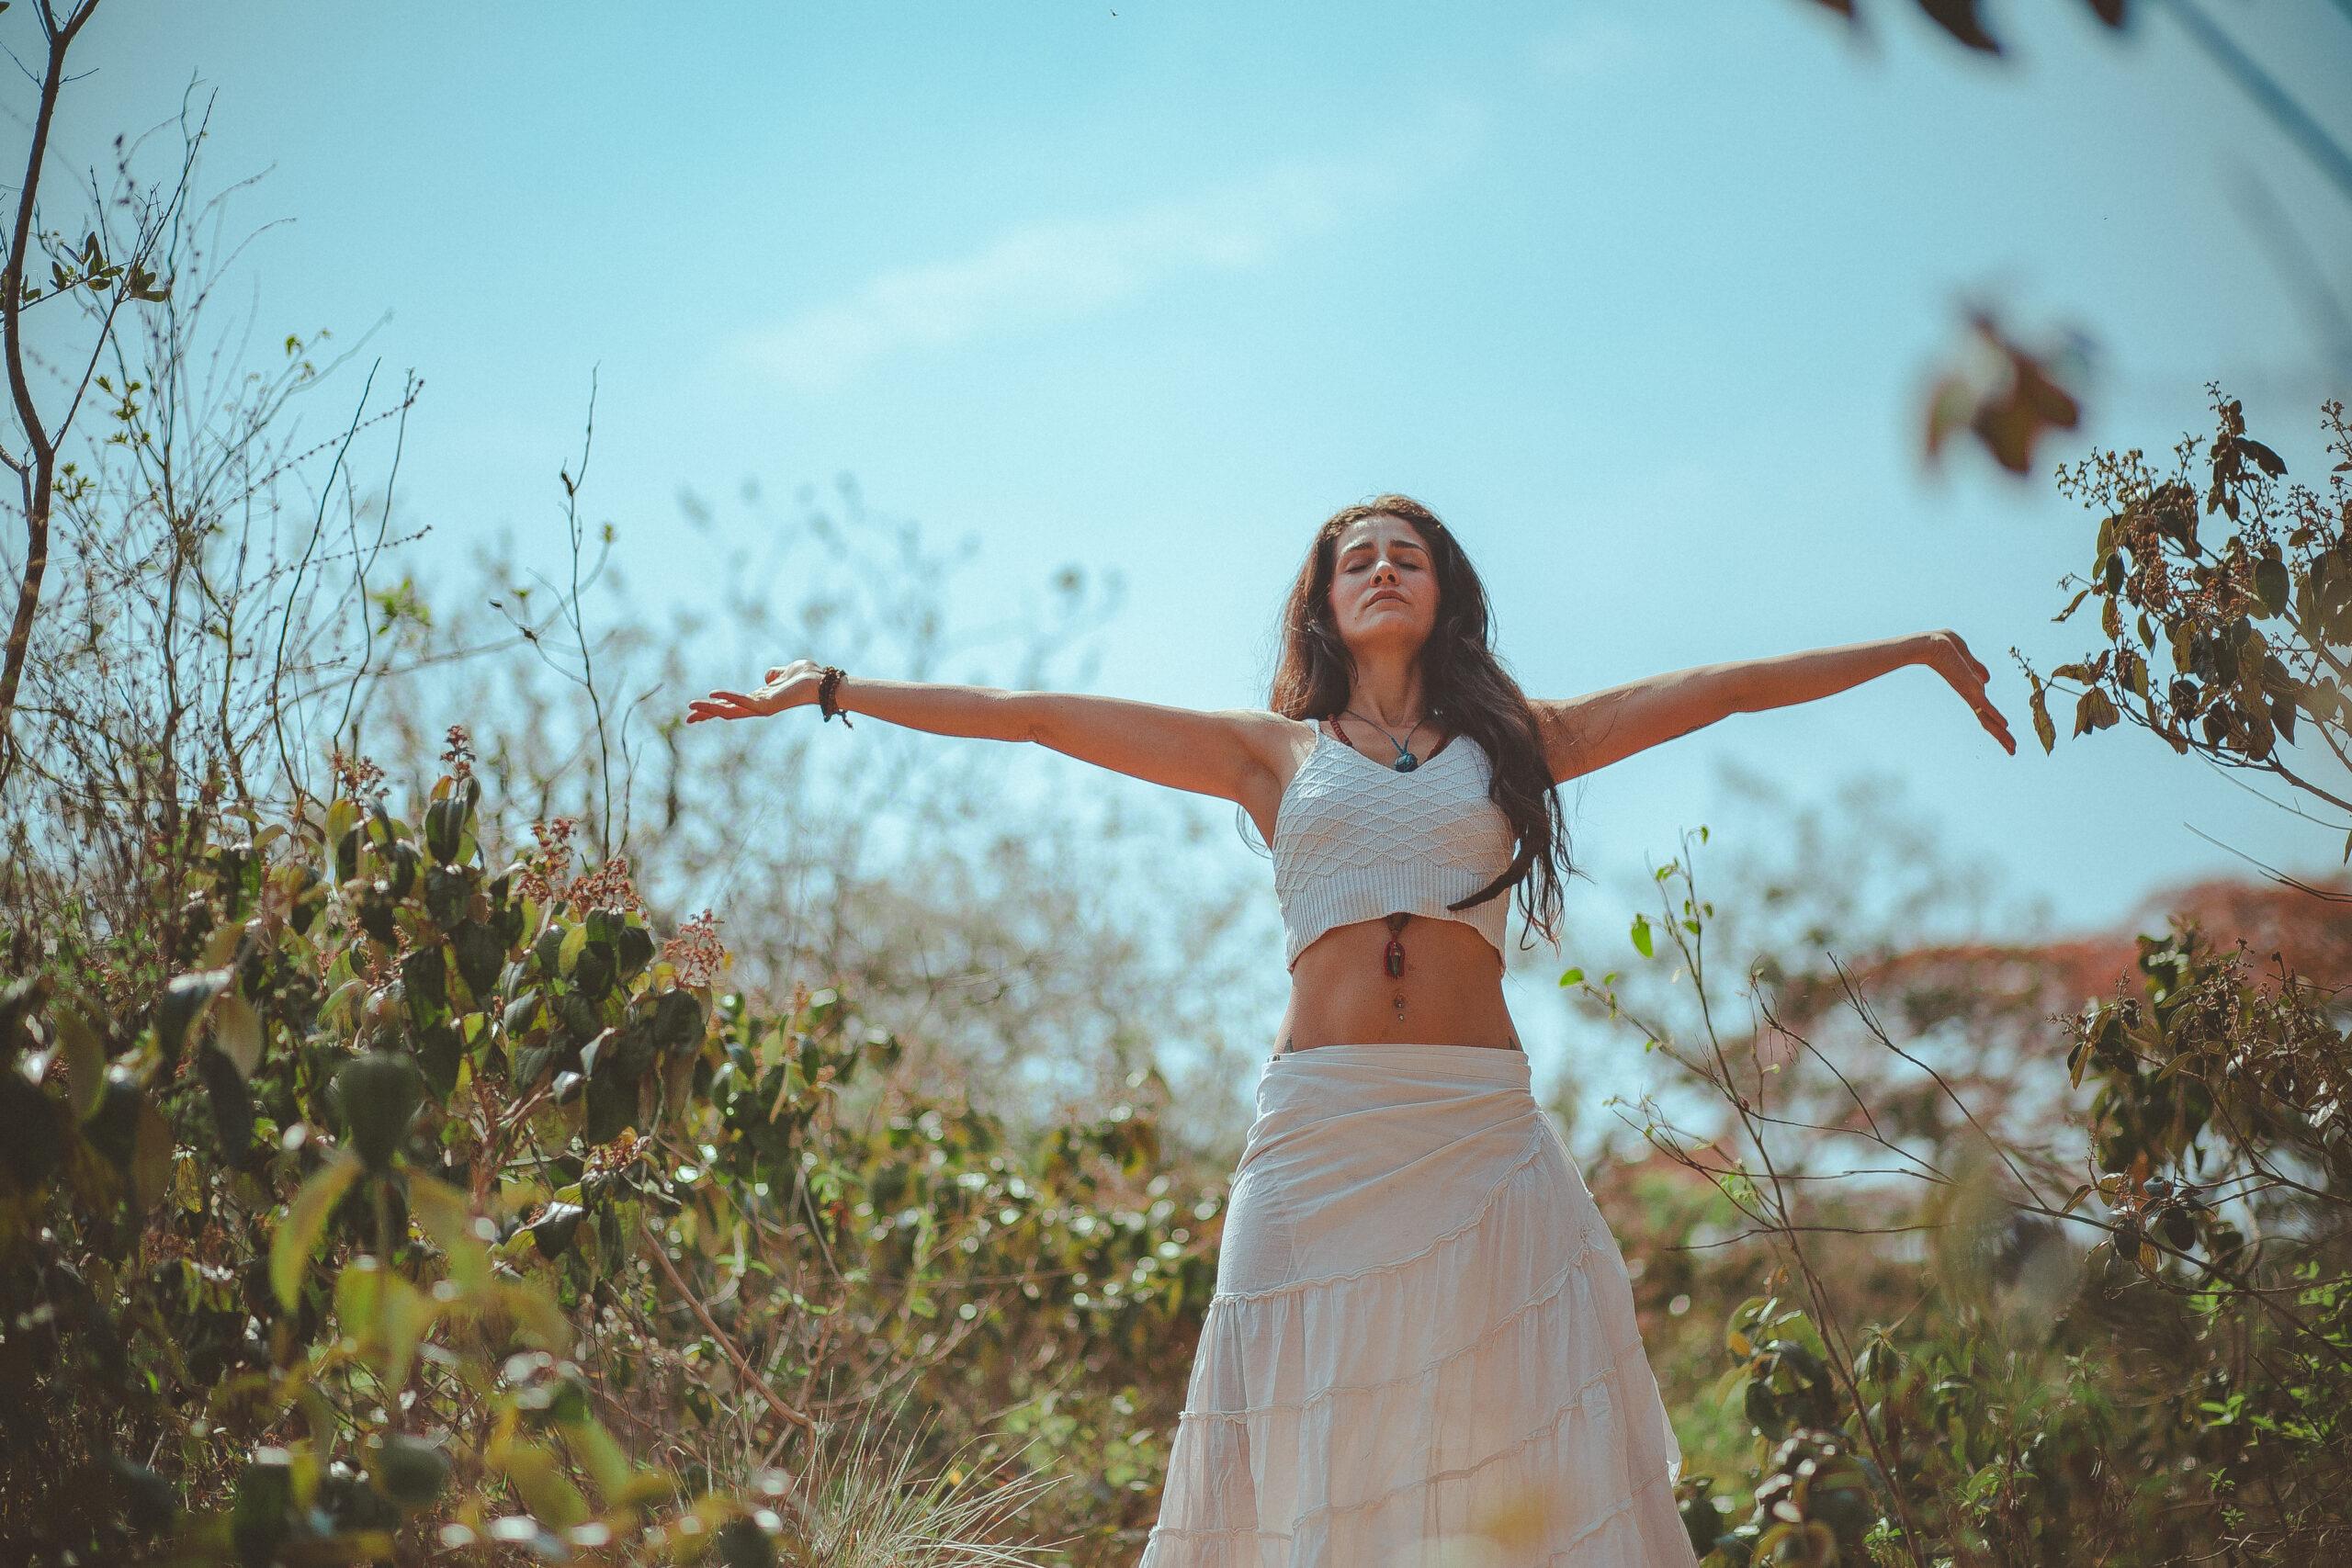 Une femme qui écarte les bars et respire l'air de la nature